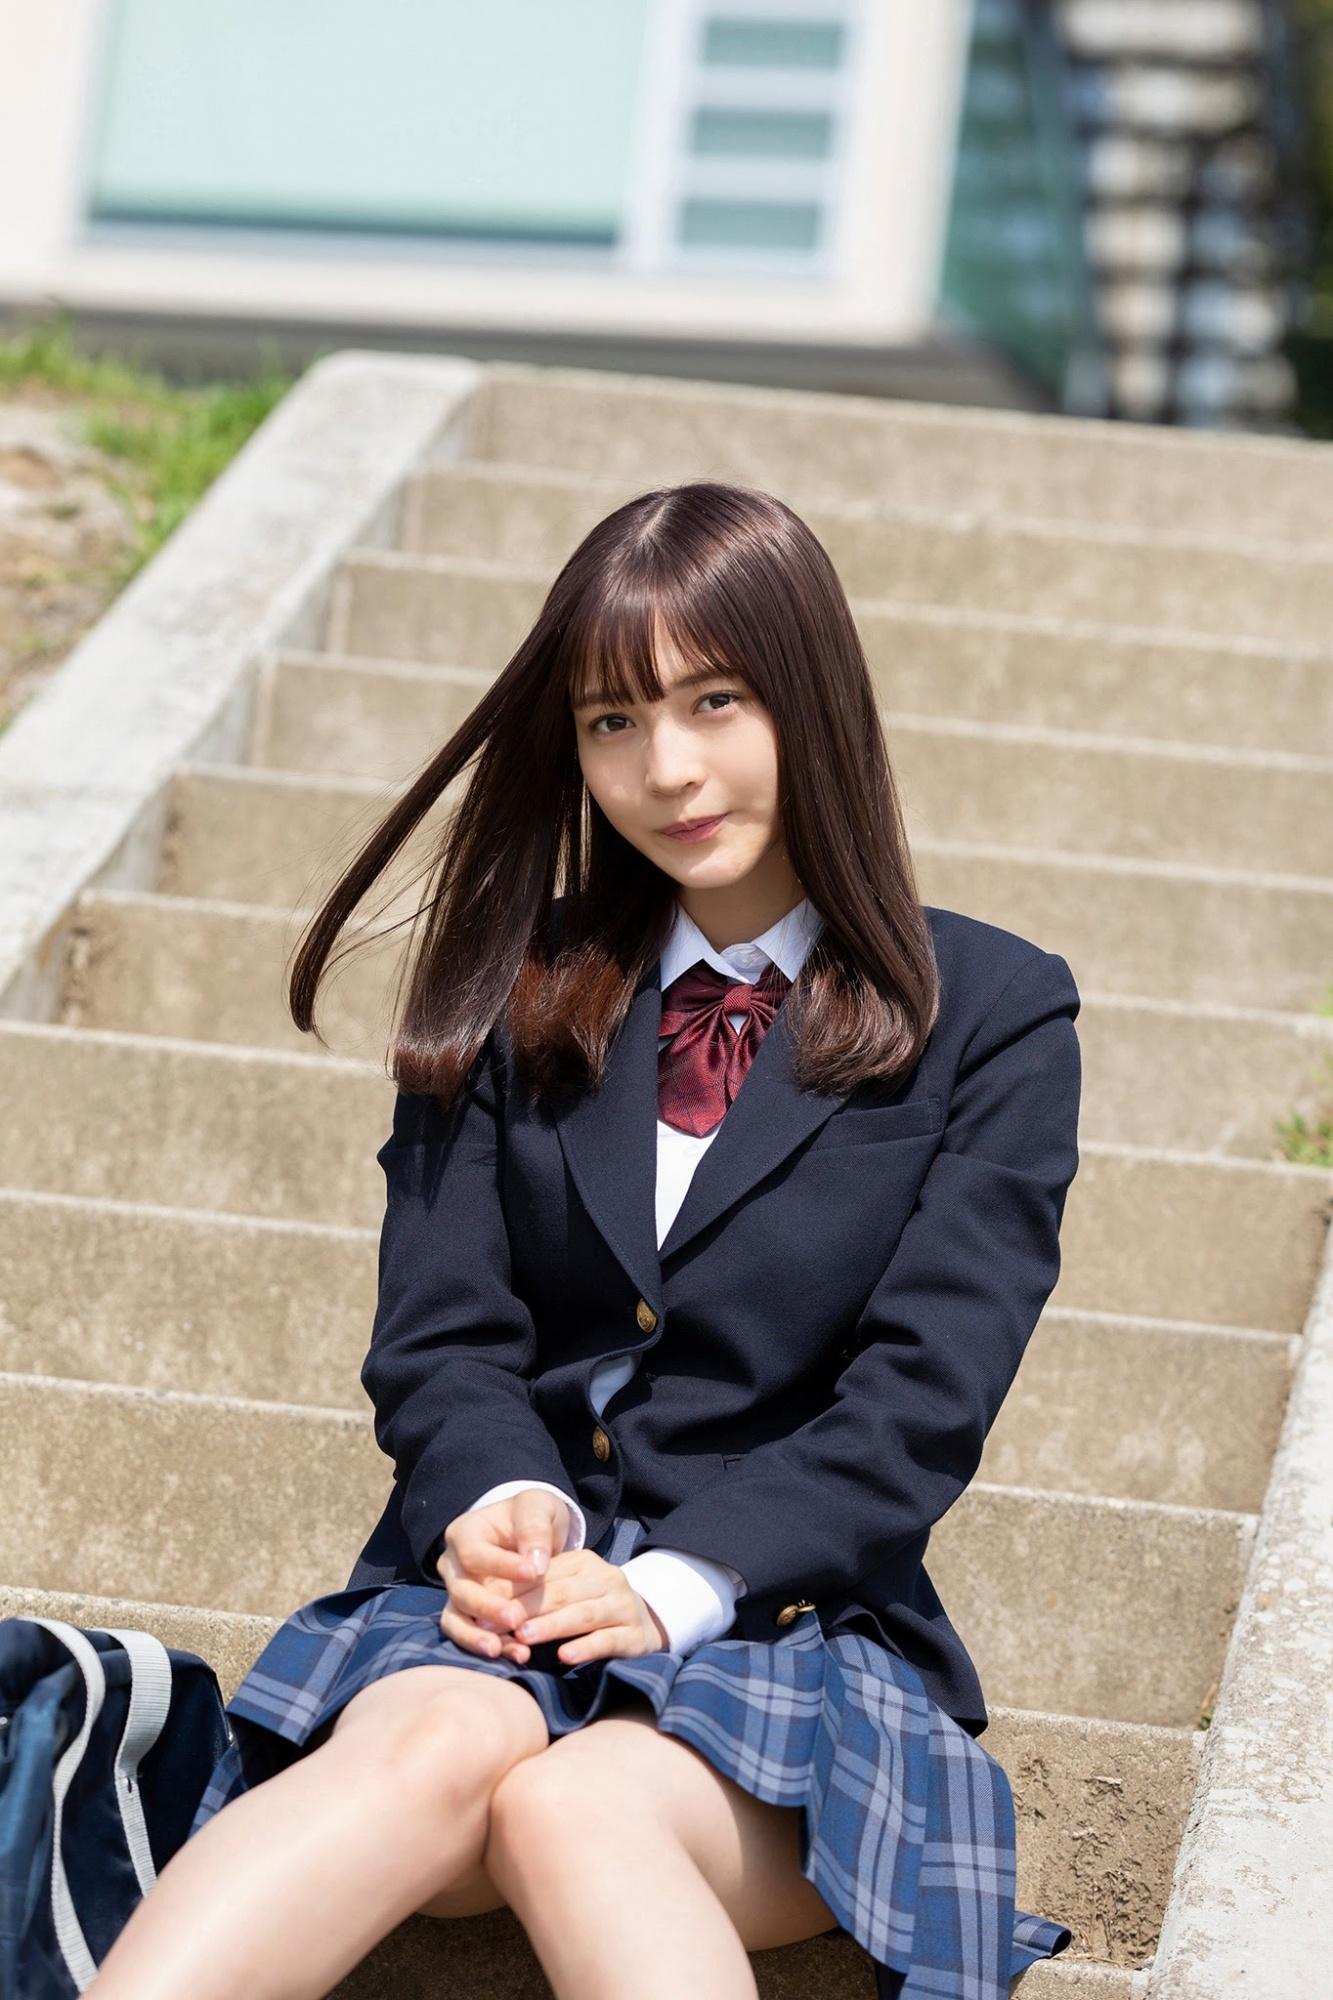 无辜眼神惹人宠爱.17 岁东京女孩「黑嵜菜菜子」青涩 网络美女 第8张